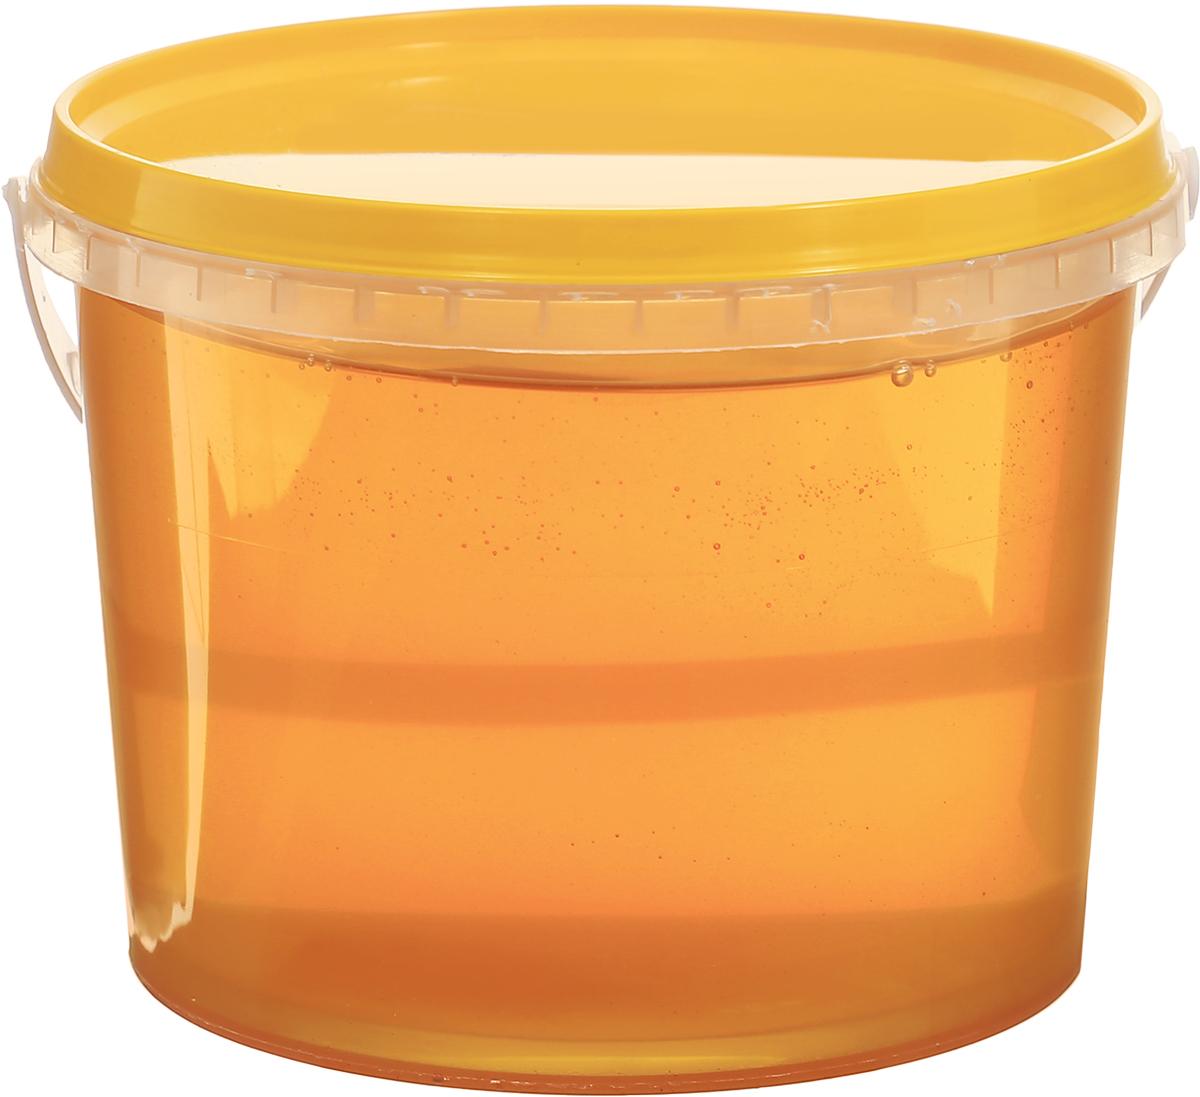 Медовед мед натуральный акациевый, 1 кг4627123647538Акациевый мед - один из ценных и полезных видов меда. Само название подразумевает его происхождение. Место сбора - это Северный Кавказ, Крым и южные регионы России. Существует два вида акаций - белая и желтая, от этого зависят свойства и цвет меда, соответственно - от практически бесцветного до светло-желтого. Имеет мягкий вкус без остроты и тонкий цветочный запах. В связи с высоким содержании фруктозы натуральный акациевый мед легко усваивается организмом, и врачи часто рекомендуют его во время лечения больных диабетом. Данный вид меда обладает успокаивающим действием при нервных расстройствах, применяют при повышенном давлении, бессоннице, а также при лечении желудочно-кишечных заболеваний, почек и печени.